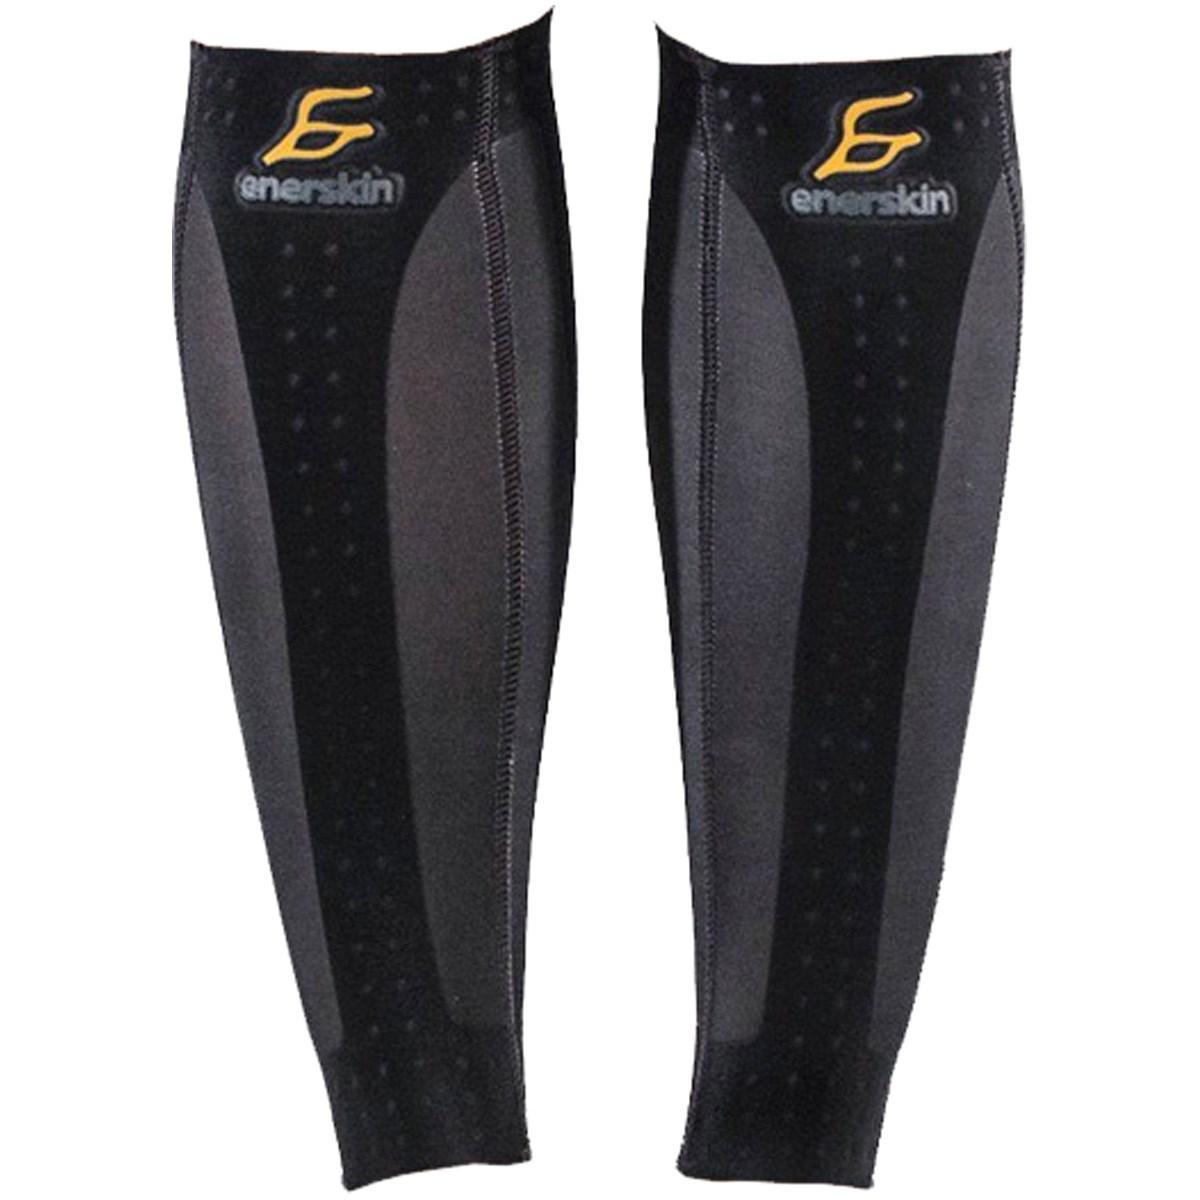 [アウトレット] [75%OFF 在庫限りのお買い得商品] エナスキン E70 プロアスリート向けカーフスリーブ(ふくらはぎ)セット(身長177cm以上) ブラック ゴルフ